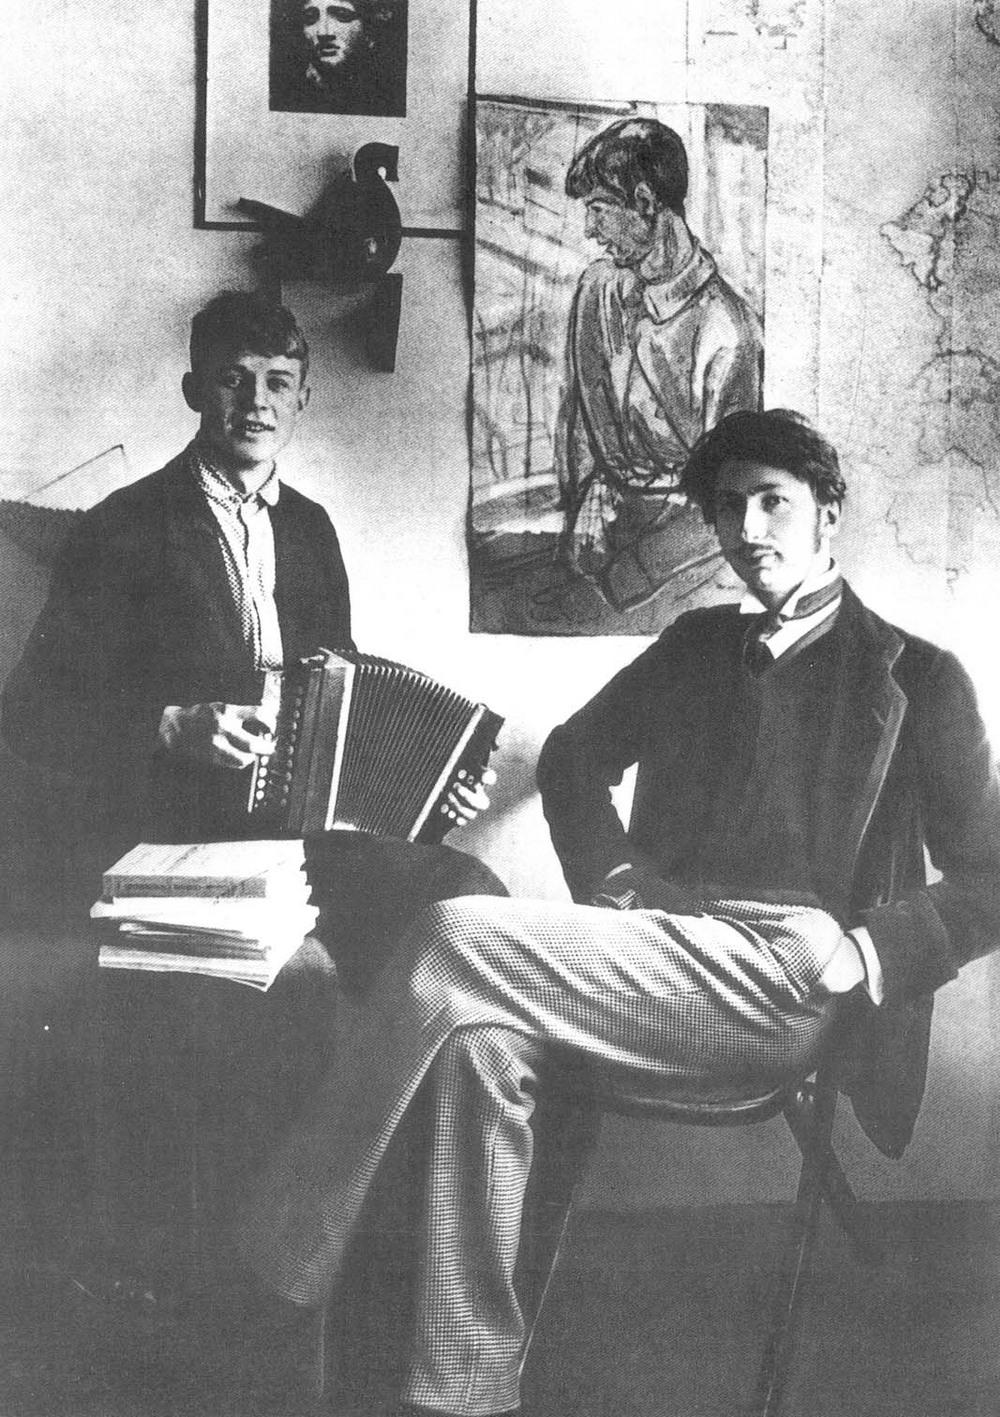 Сергей Есенин и Николай Клюев, 1916 год